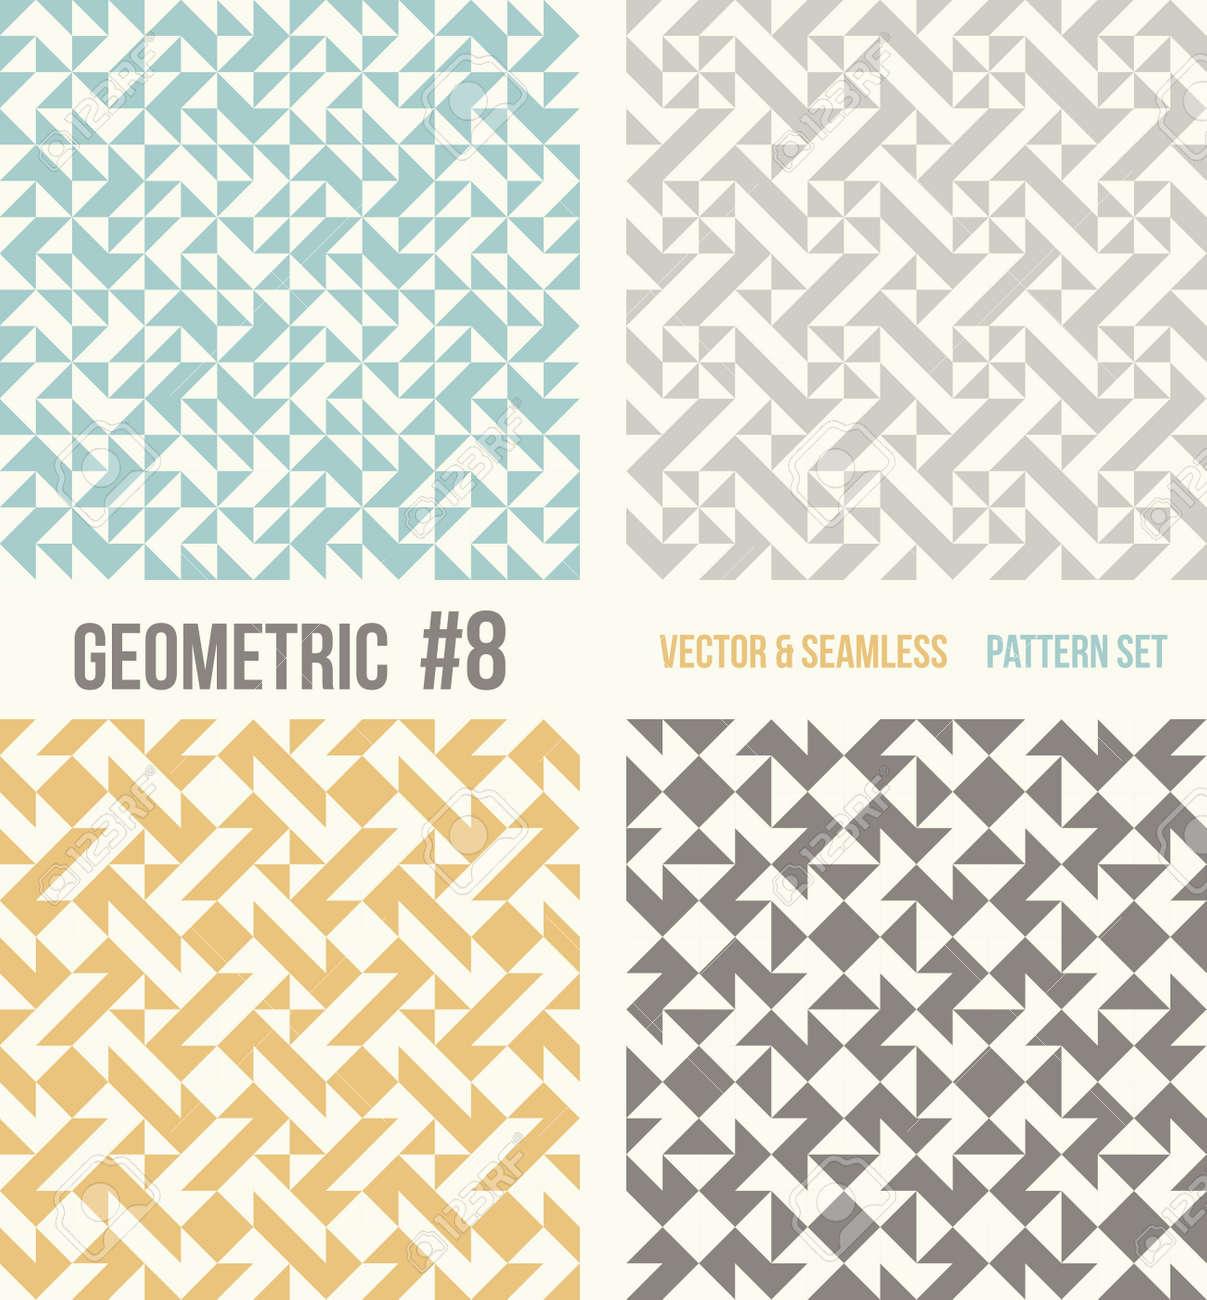 c92dc0a38 Conjunto de cuatro patrones geométricos. Colección de diferentes modelos  abstractos, número 8. trullo, amarillo y gris, fondos de color gris ...